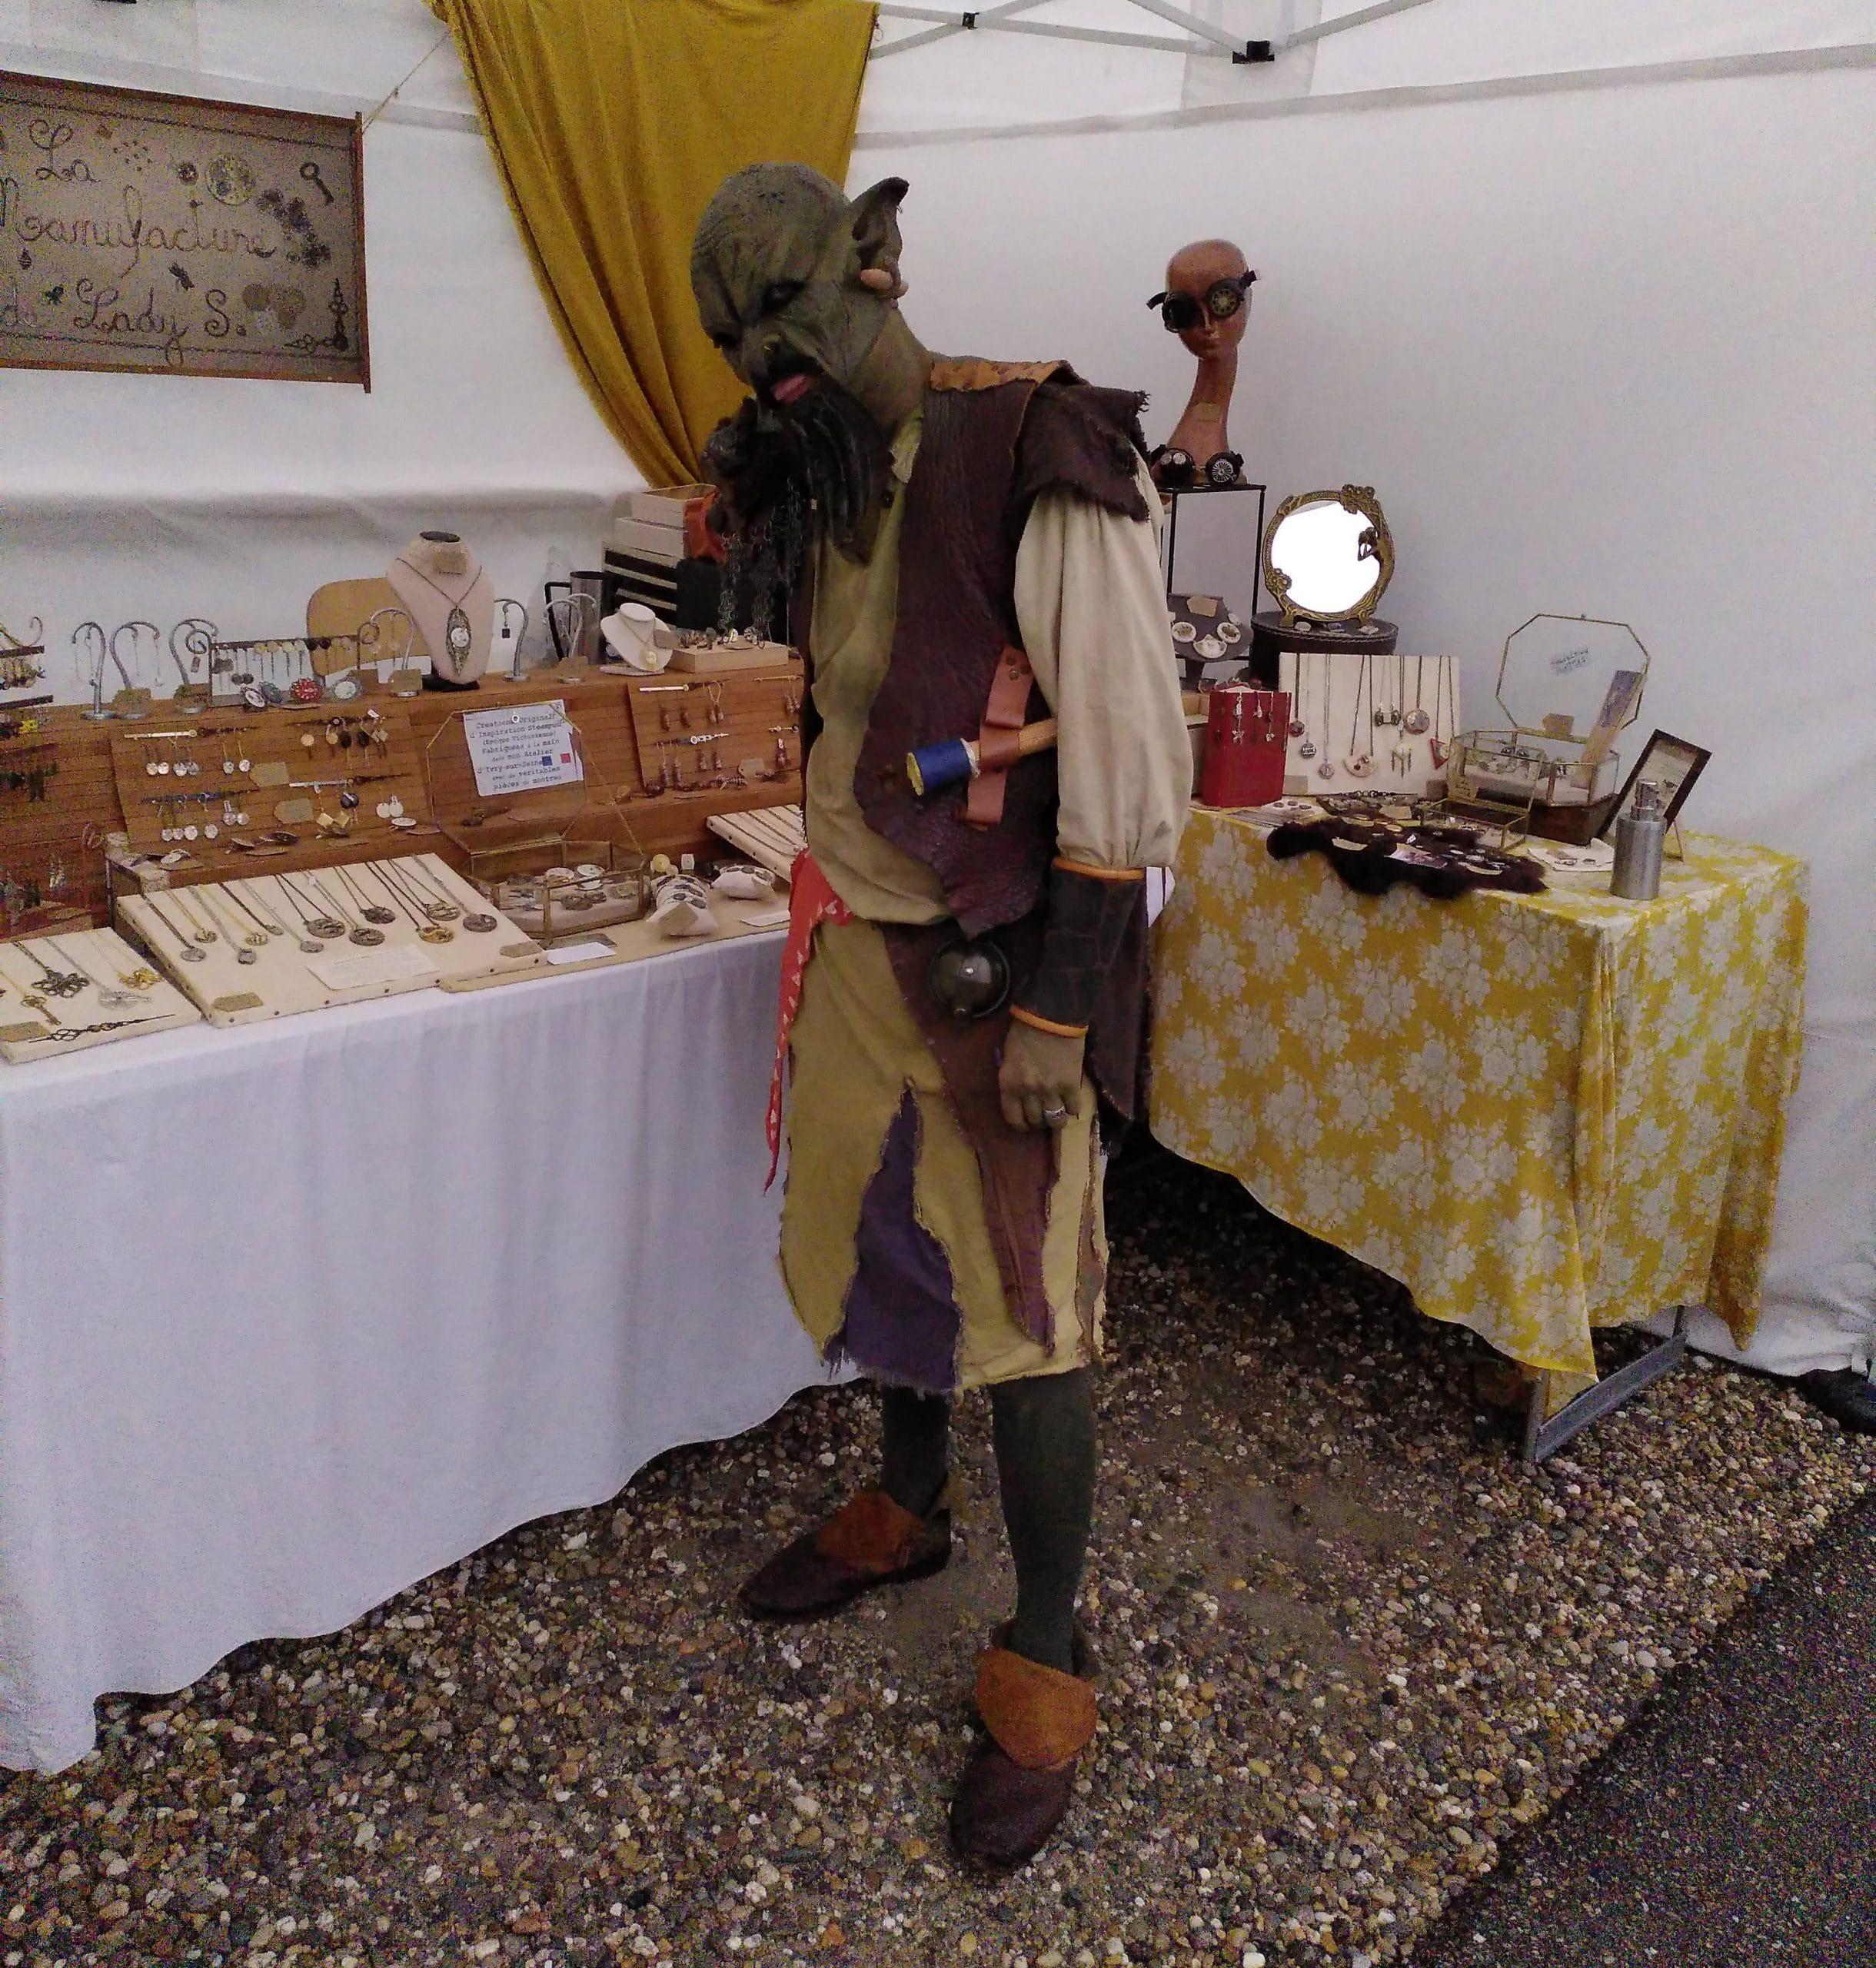 Reportage photos la Manufacture de Lady S. de retour d'Yggdrasil Summer Market